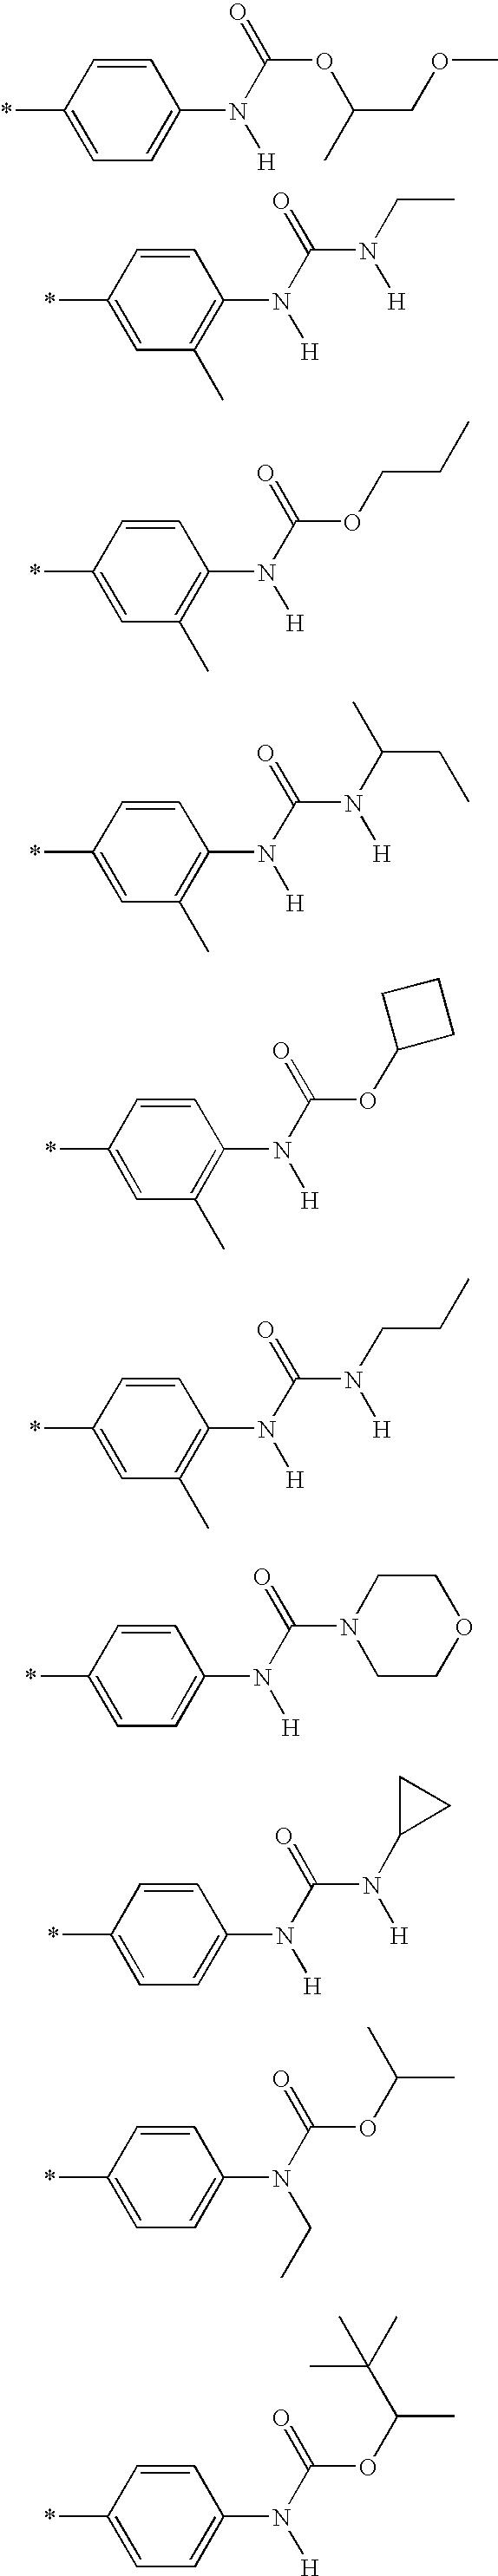 Figure US07781478-20100824-C00144